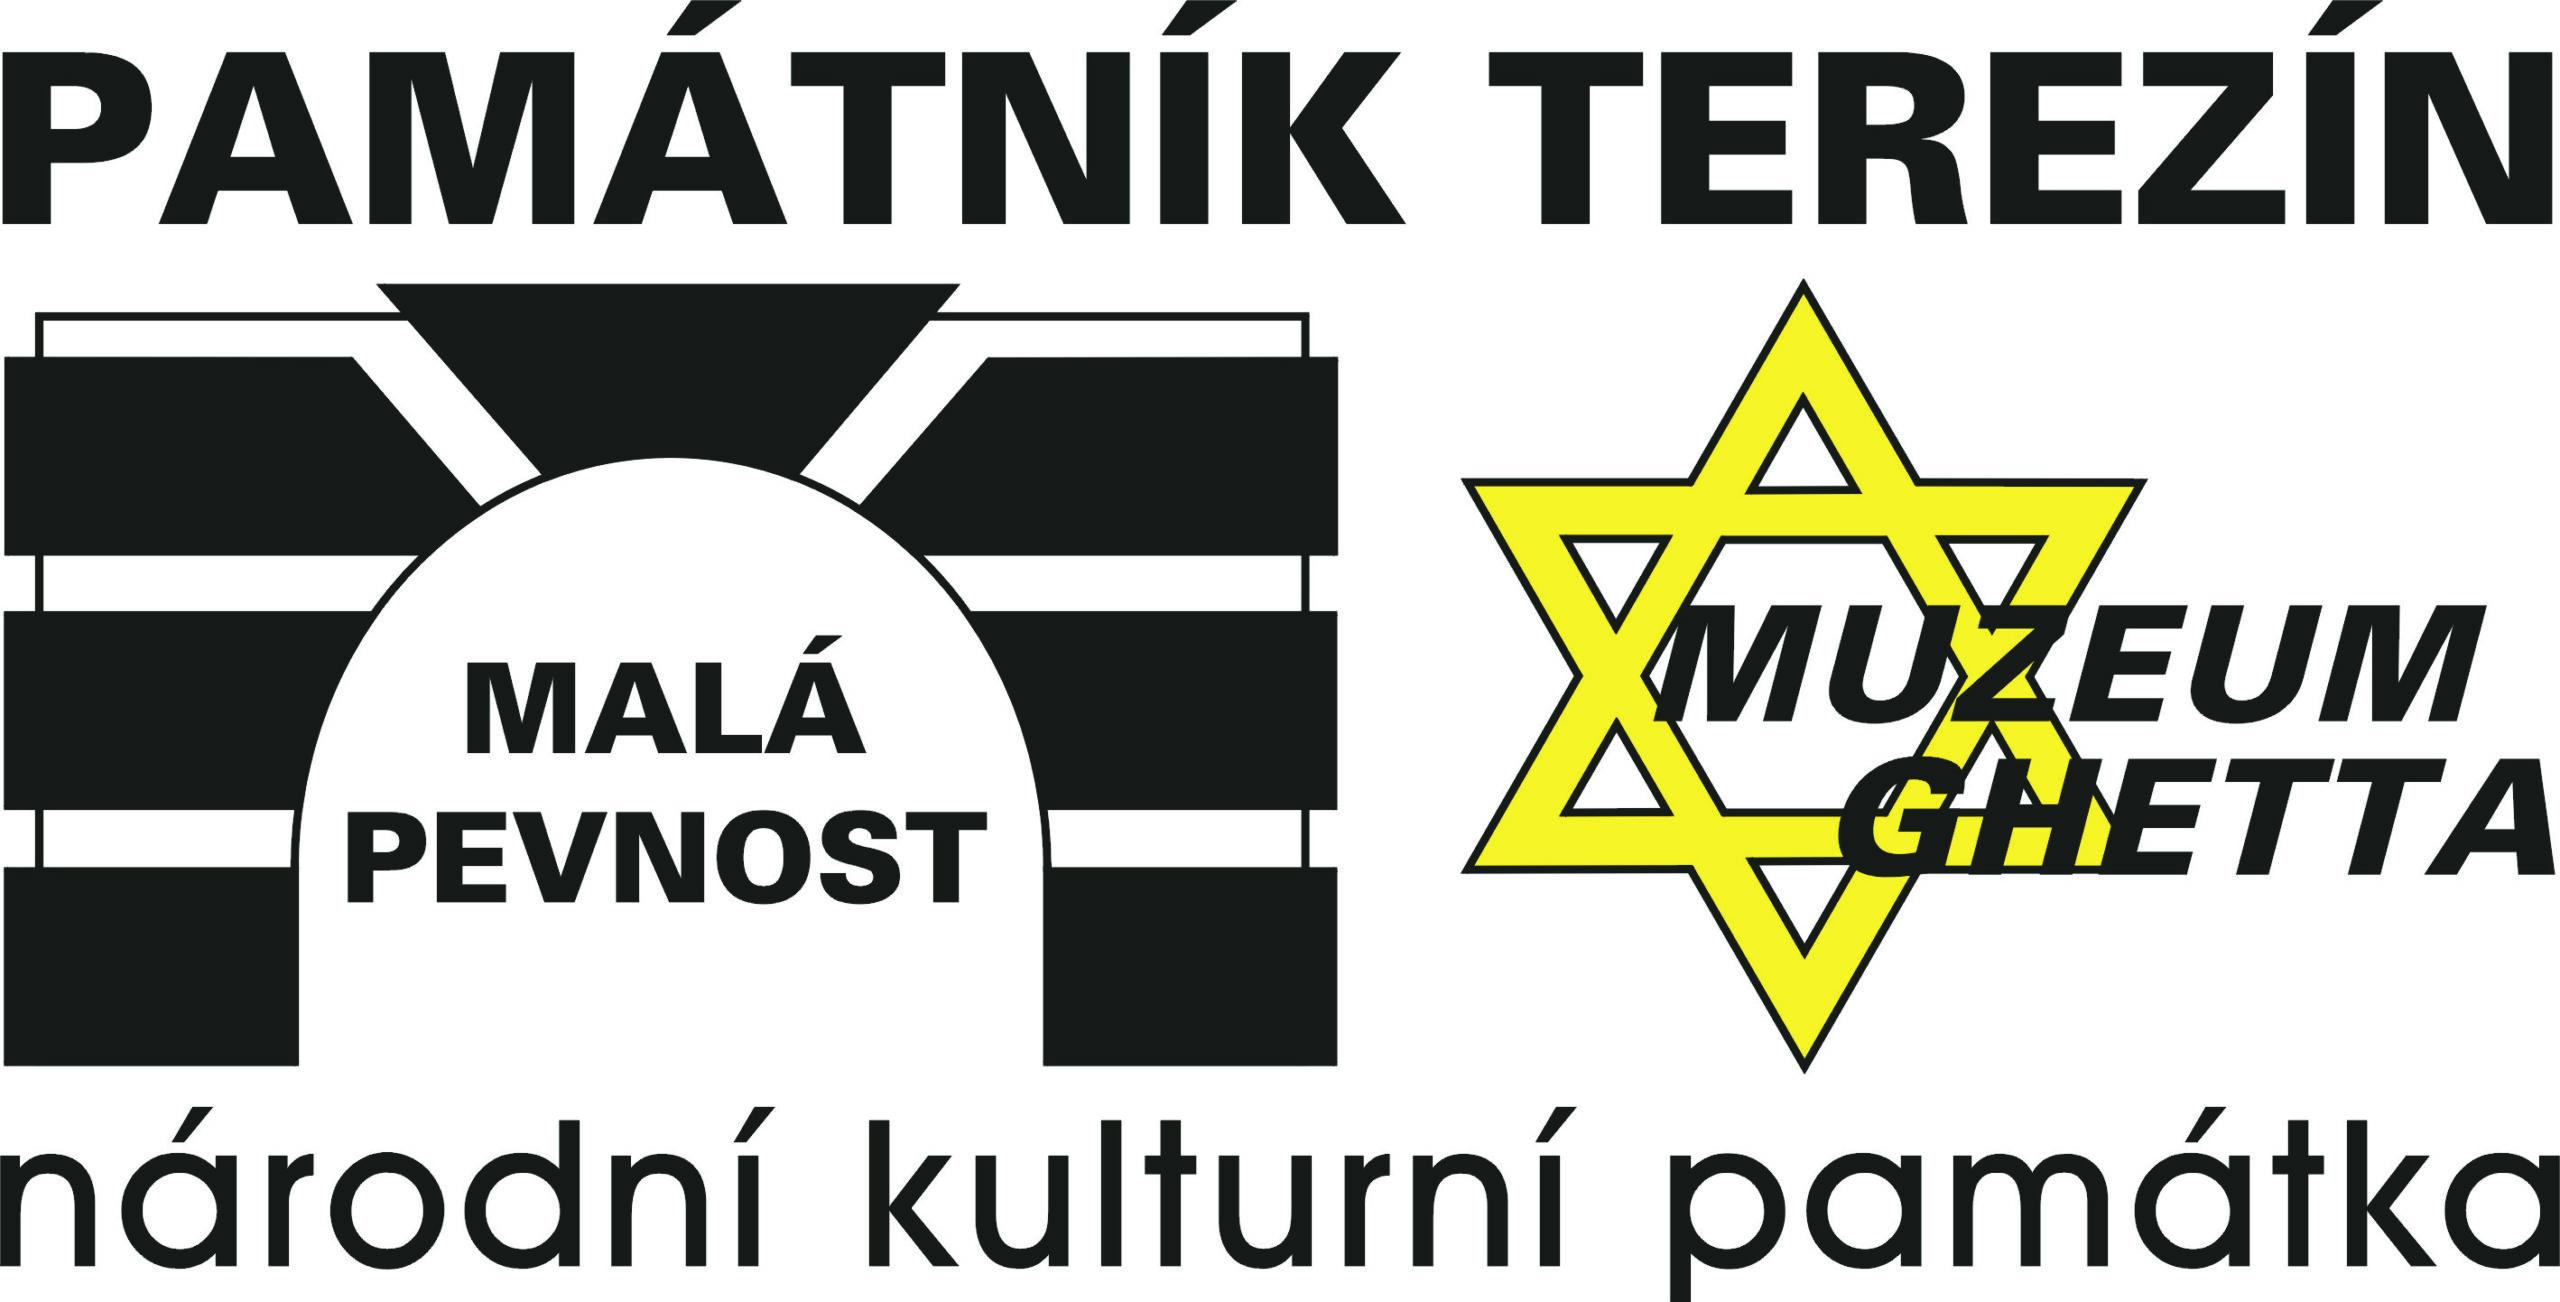 logo PT jpg